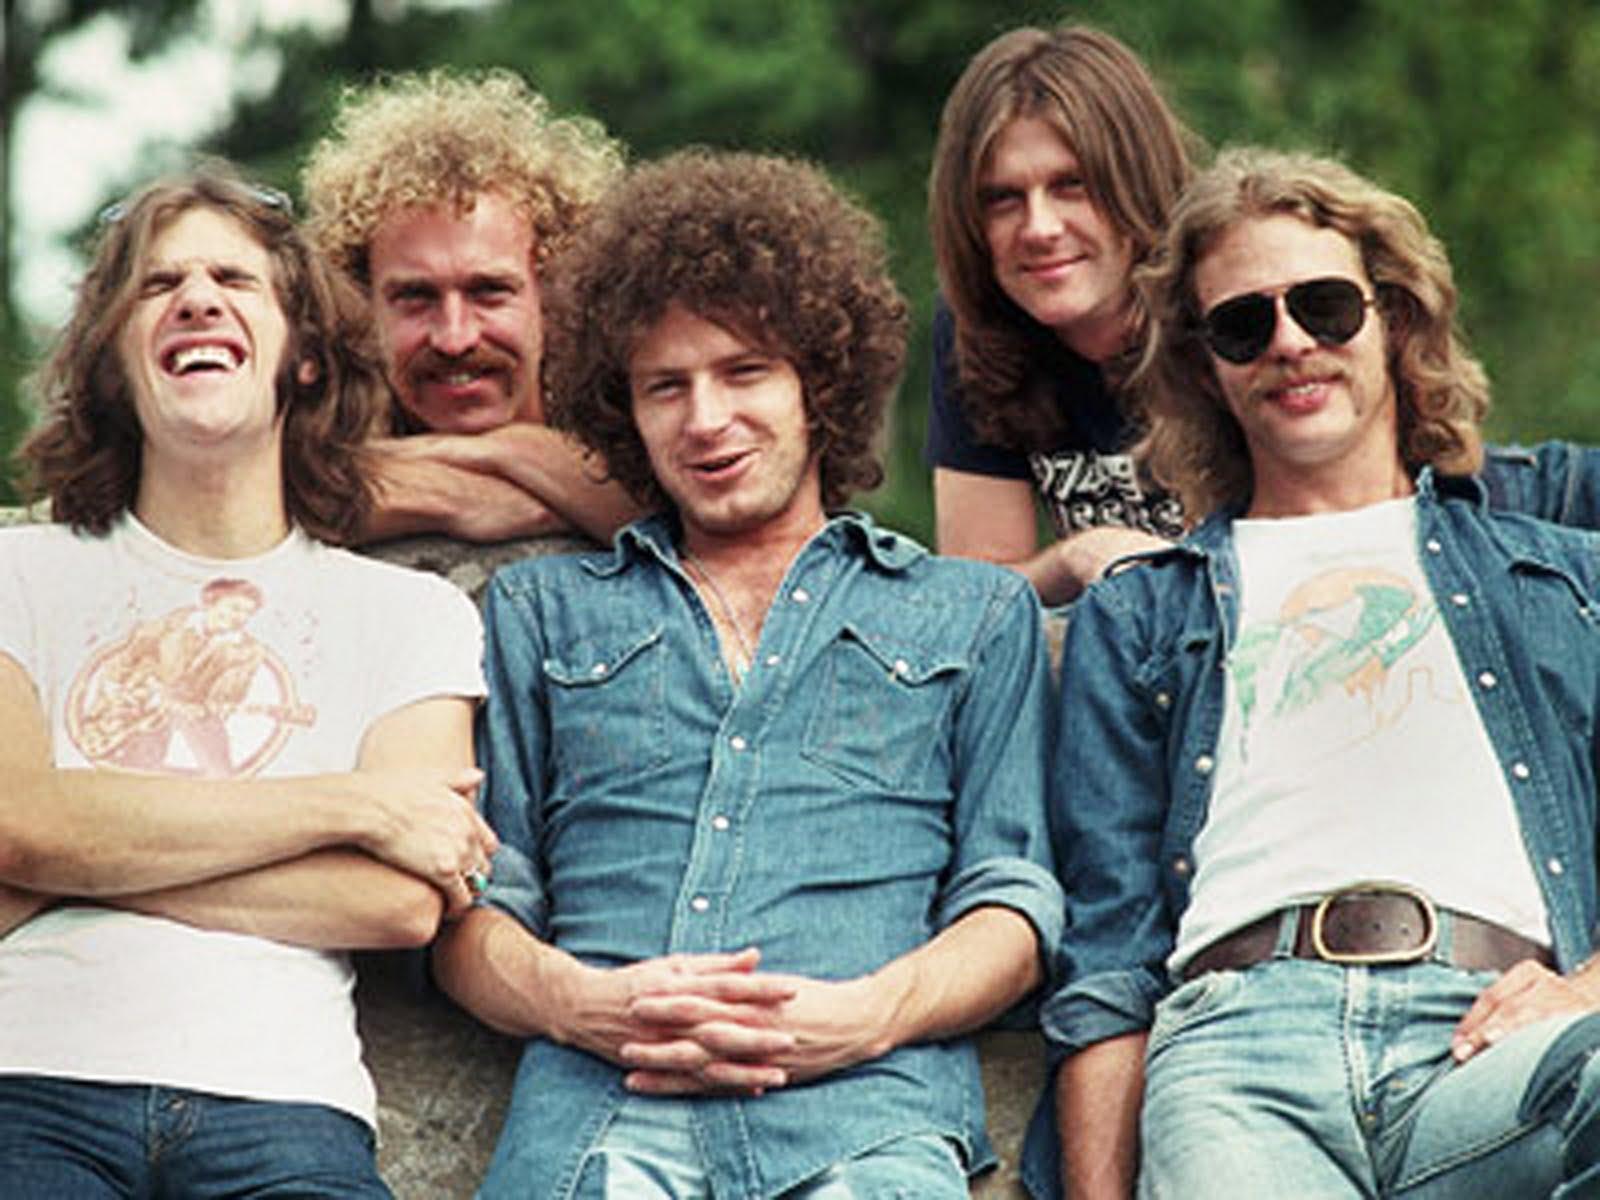 memoir: The Eagles